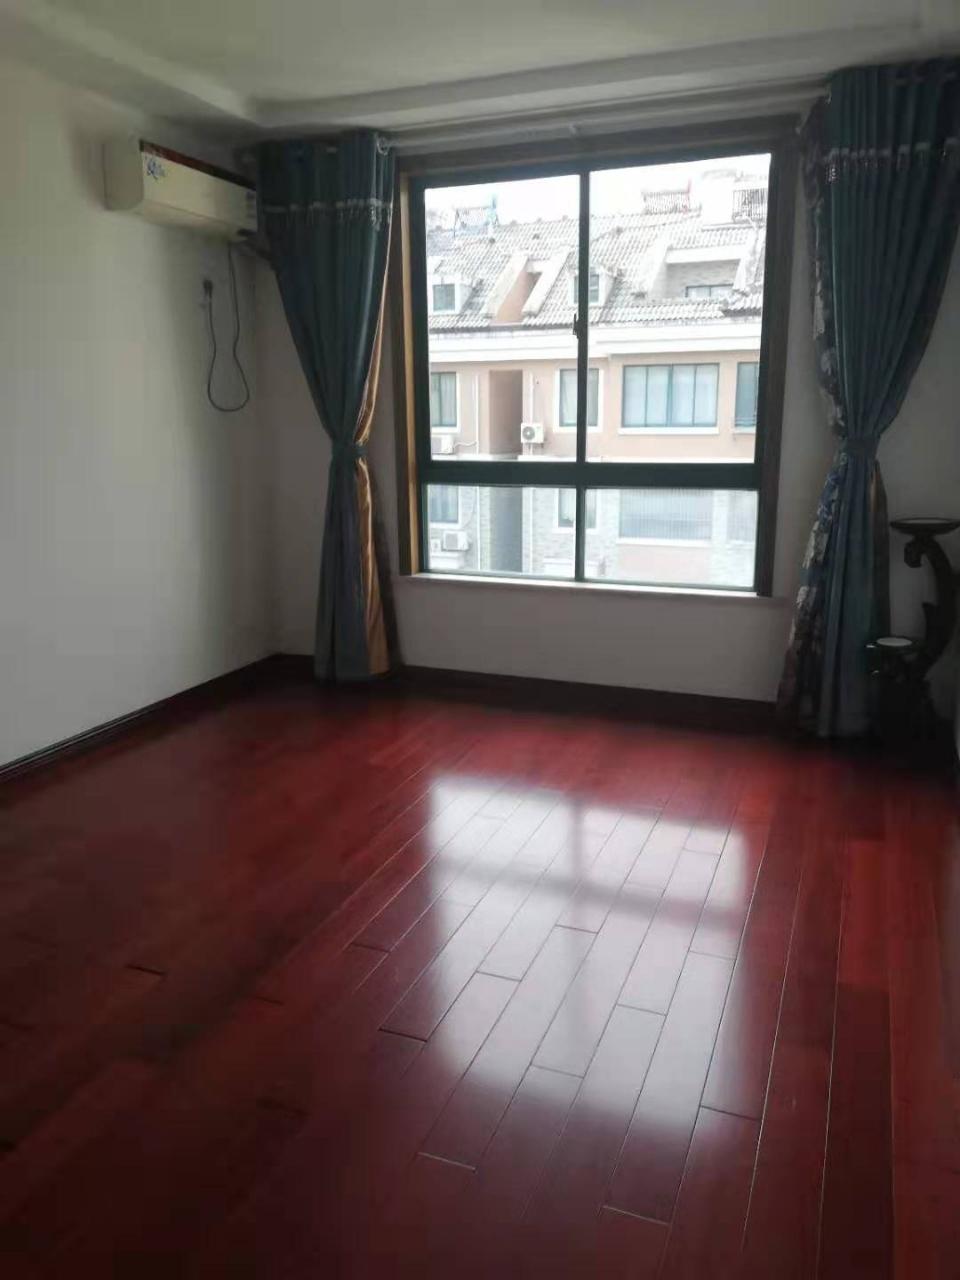 中坤苑精装修楼中楼5室2厅214平米102.8万元